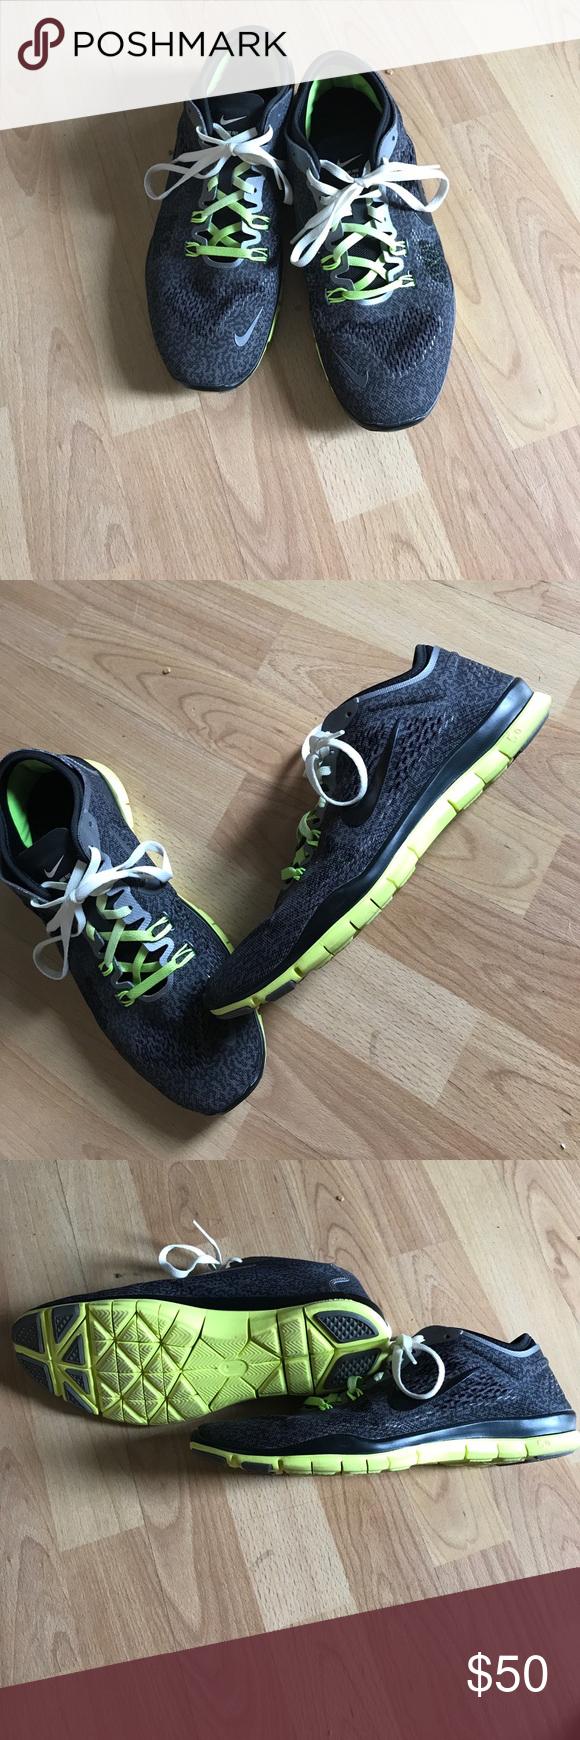 nike scarpe nike, scarpe da corsa e verde neon